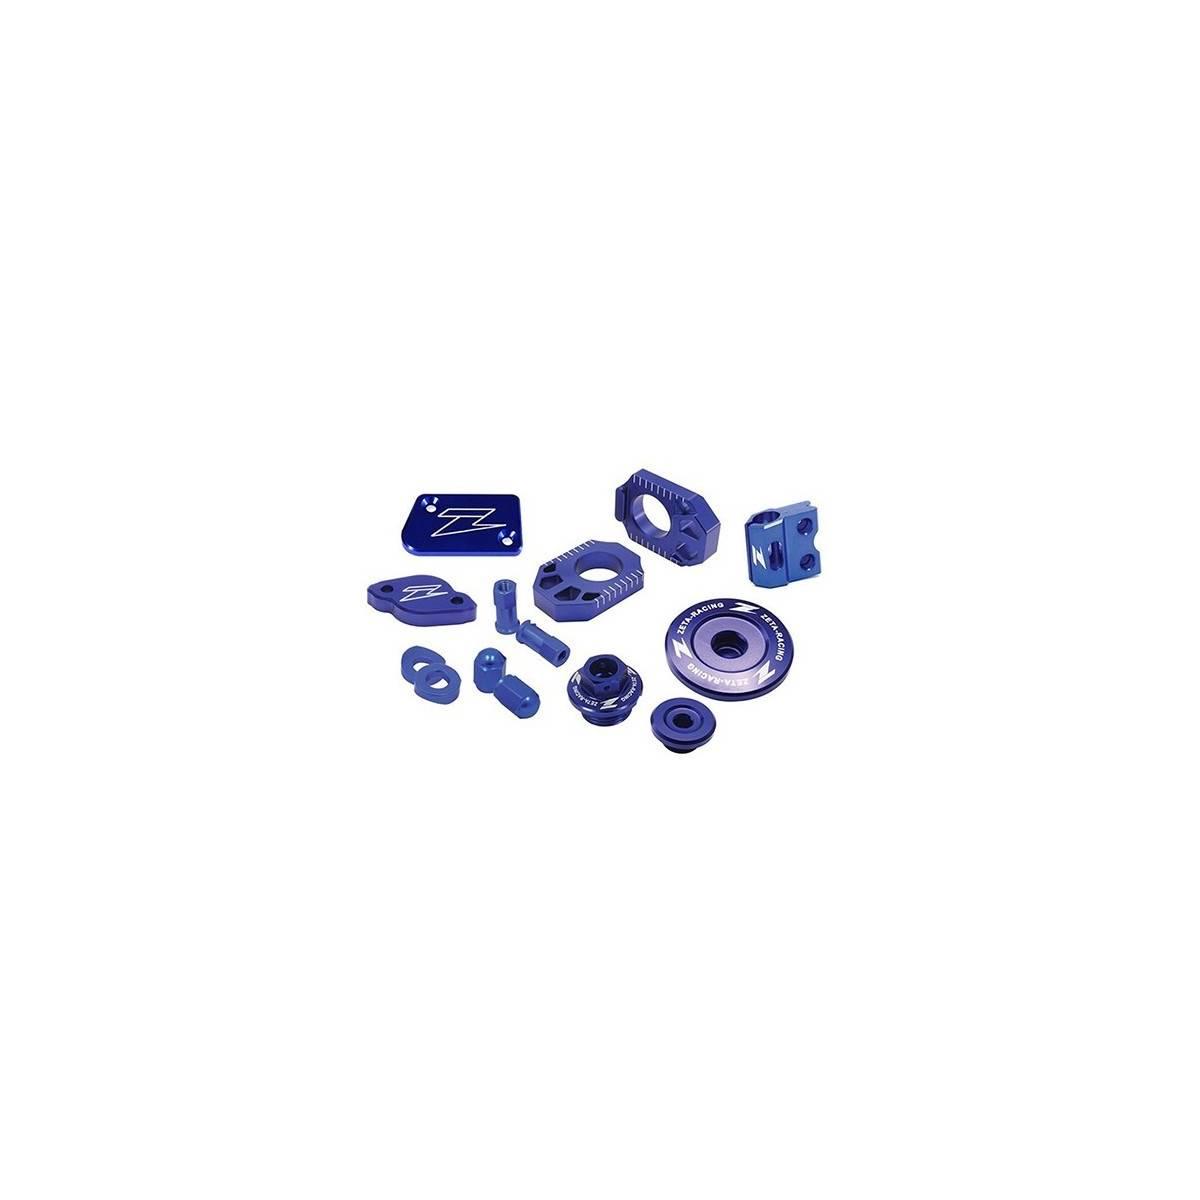 ZE51.2546 - Kit Completo Husqvarna 250 350,Fc250-450,Fe250-501 Azul